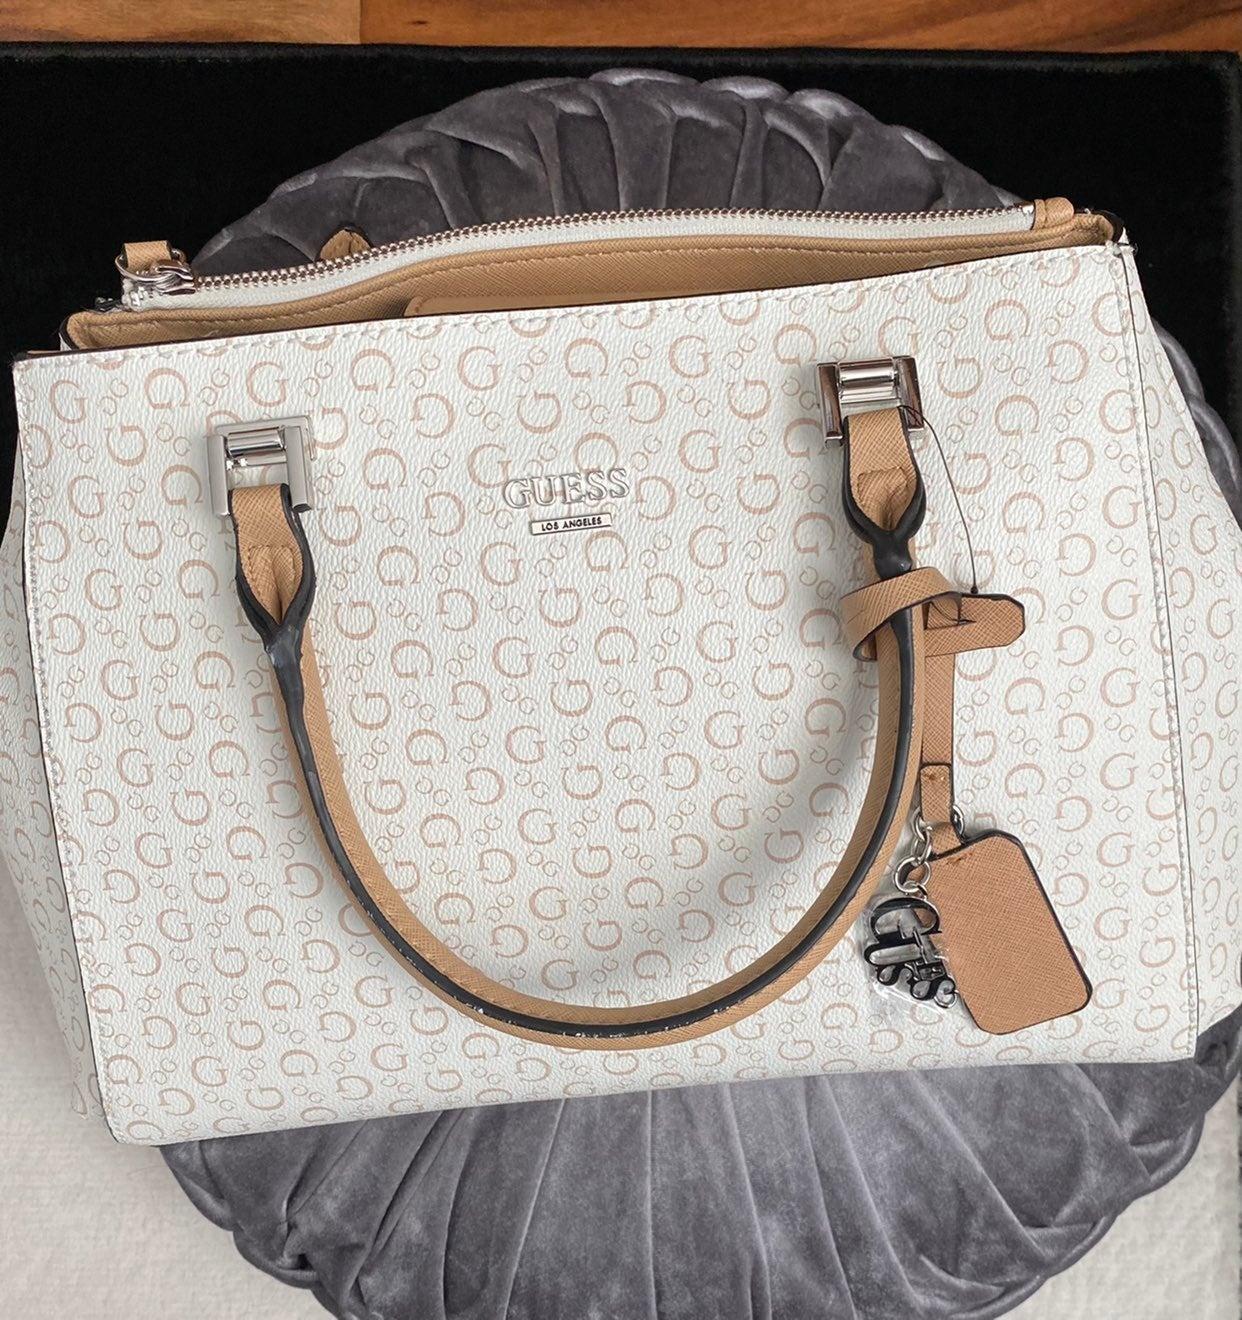 GUESS Cream/Tan Handbag & Shoulder Strap